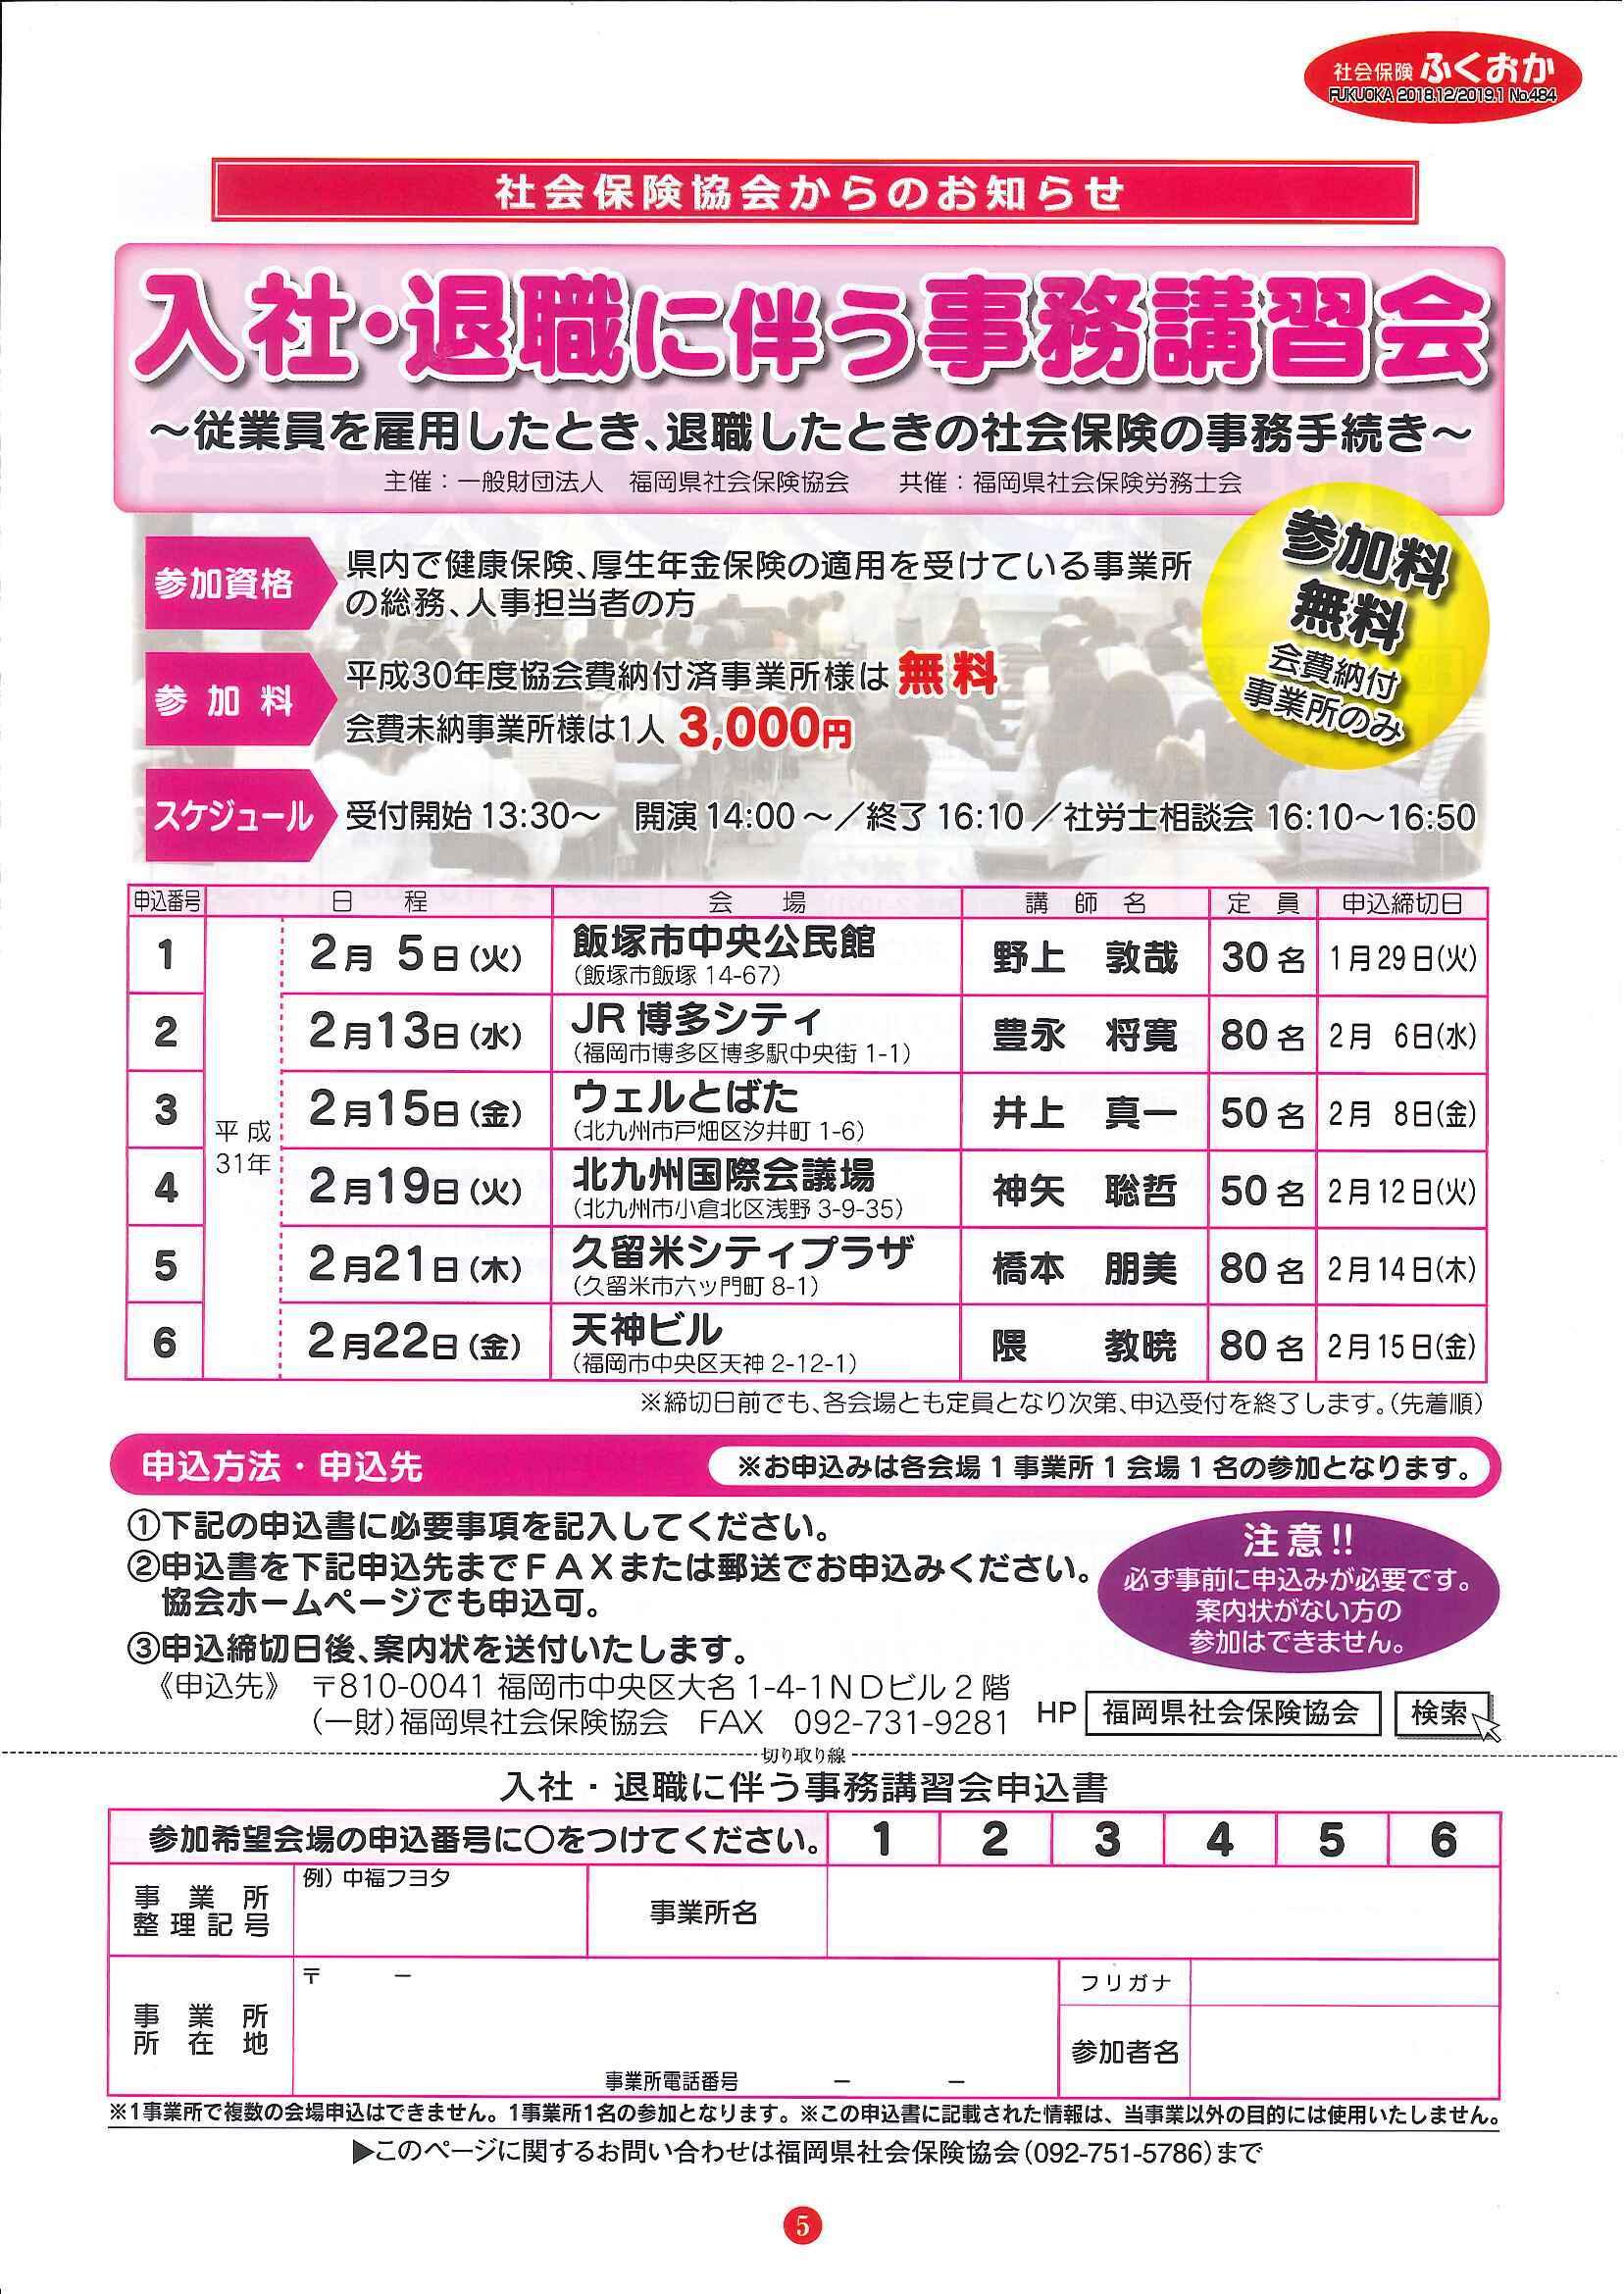 社会保険 ふくおか 2018年12月・2019年1月号_f0120774_16104459.jpg